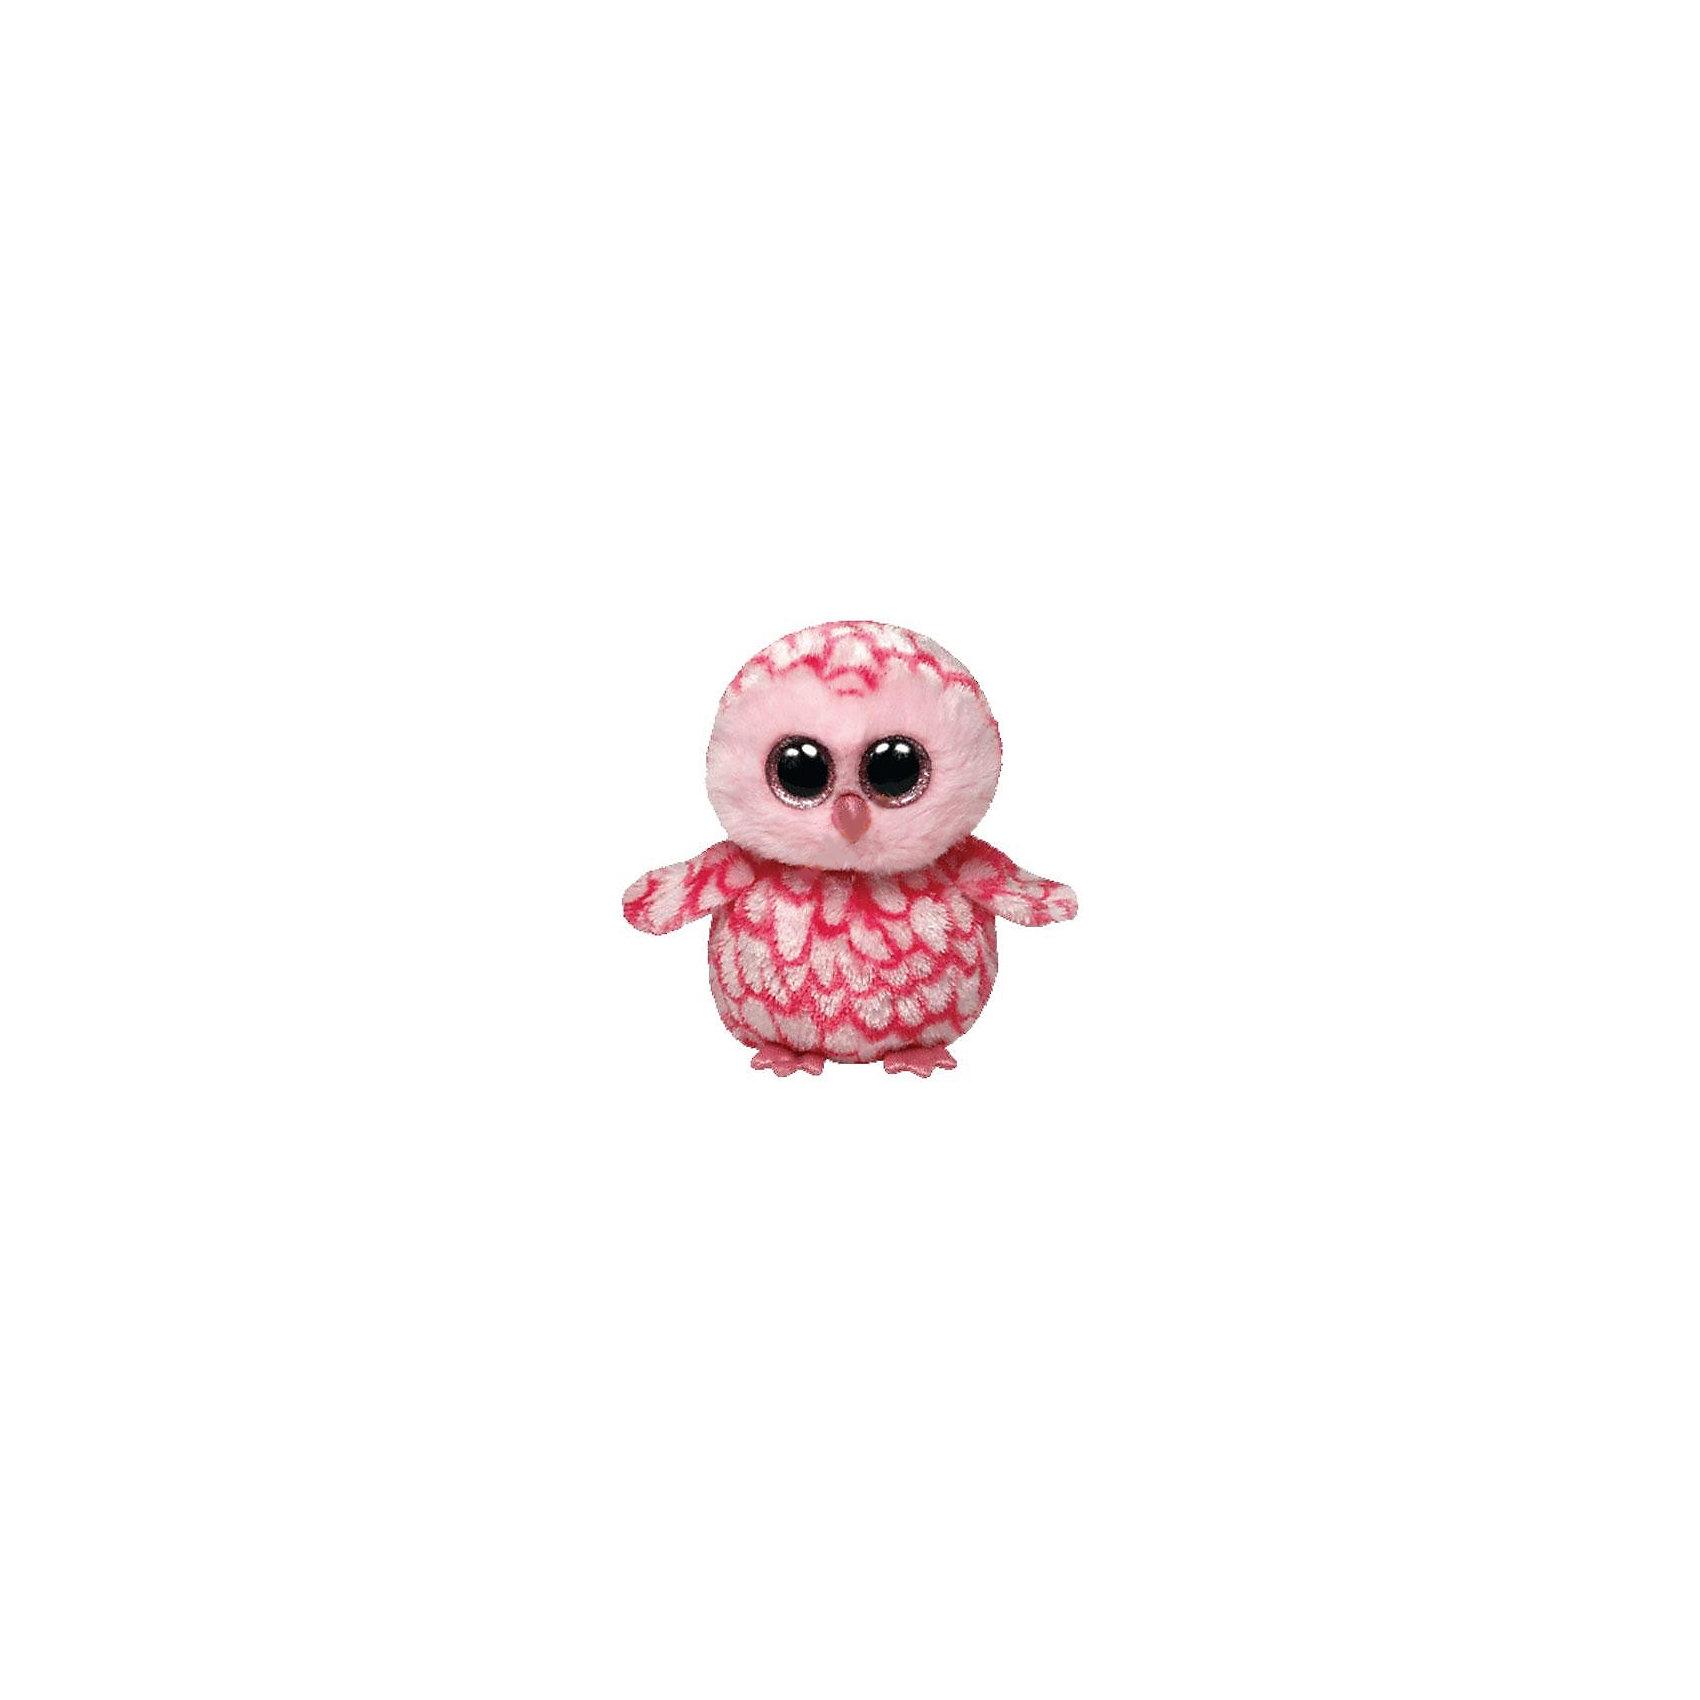 Совенок (розовый) Pinky, 15,24 смЗвери и птицы<br>Совенок (розовый) Pinky, 15,24 см – игрушка от бренда TY Inc (ТАЙ Инкорпорейтед), знаменитого своими мягкими игрушками, в качестве наполнителя для которых используются гранулы. Совенок выполнен из качественного и гипоаллергенного плюша с нанесенным на него рисунком-имитацией оперения, мордочка – из розового меха. У игрушки большие выразительные глаза. Используемые материалы делают игрушку прочной, устойчивой к изменению цвета и формы, ее разрешается стирать.<br>Совенок (розовый) Pinky, 15,24 см TY Inc непременно станет любимой игрушкой для вашего ребенка, а уникальный наполнитель будет способствовать  не  только развитию мелкой моторики пальцев, но и оказывать релаксирующее воздействие.<br><br>Дополнительная информация:<br><br>- Вид игр: сюжетно-ролевые игры, интерьерные игрушки, для коллекционирования<br>- Предназначение: для дома<br>- Пол: для девочки<br>- Материал: плюш, пластик, наполнитель ? гранулы<br>- Высота: 15, 24 см<br>- Особенности ухода: разрешается стирка<br>Подробнее:<br><br>• Для детей в возрасте: от 12 месяцев и до 5 лет <br>• Страна производитель: Китай<br>• Торговый бренд: TY Inc <br><br>Совенка (розового) Pinky, 15,24 см можно купить в нашем интернет-магазине.<br><br>Ширина мм: 159<br>Глубина мм: 103<br>Высота мм: 81<br>Вес г: 91<br>Возраст от месяцев: 12<br>Возраст до месяцев: 60<br>Пол: Унисекс<br>Возраст: Детский<br>SKU: 3214622